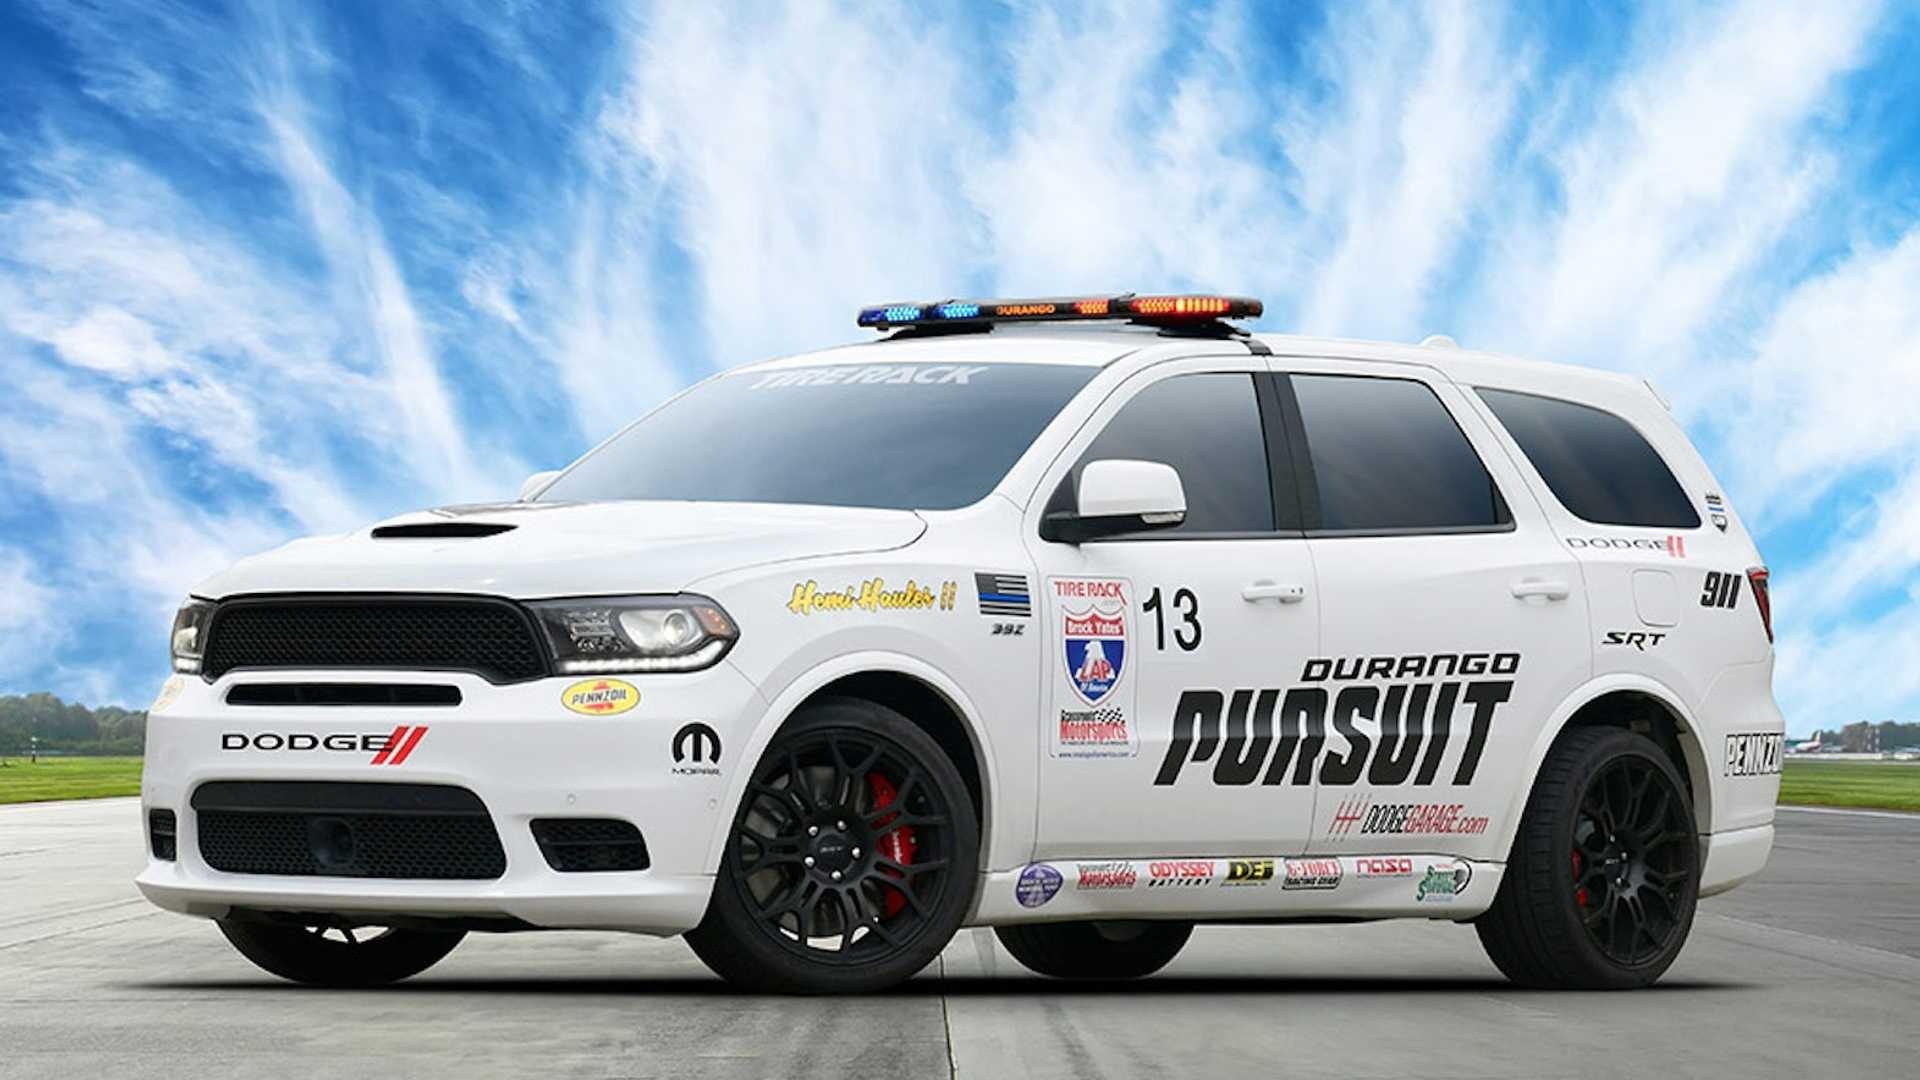 Dodge превратил Durango SRT в 797-сильный внедорожник Pursuit Speed Trap